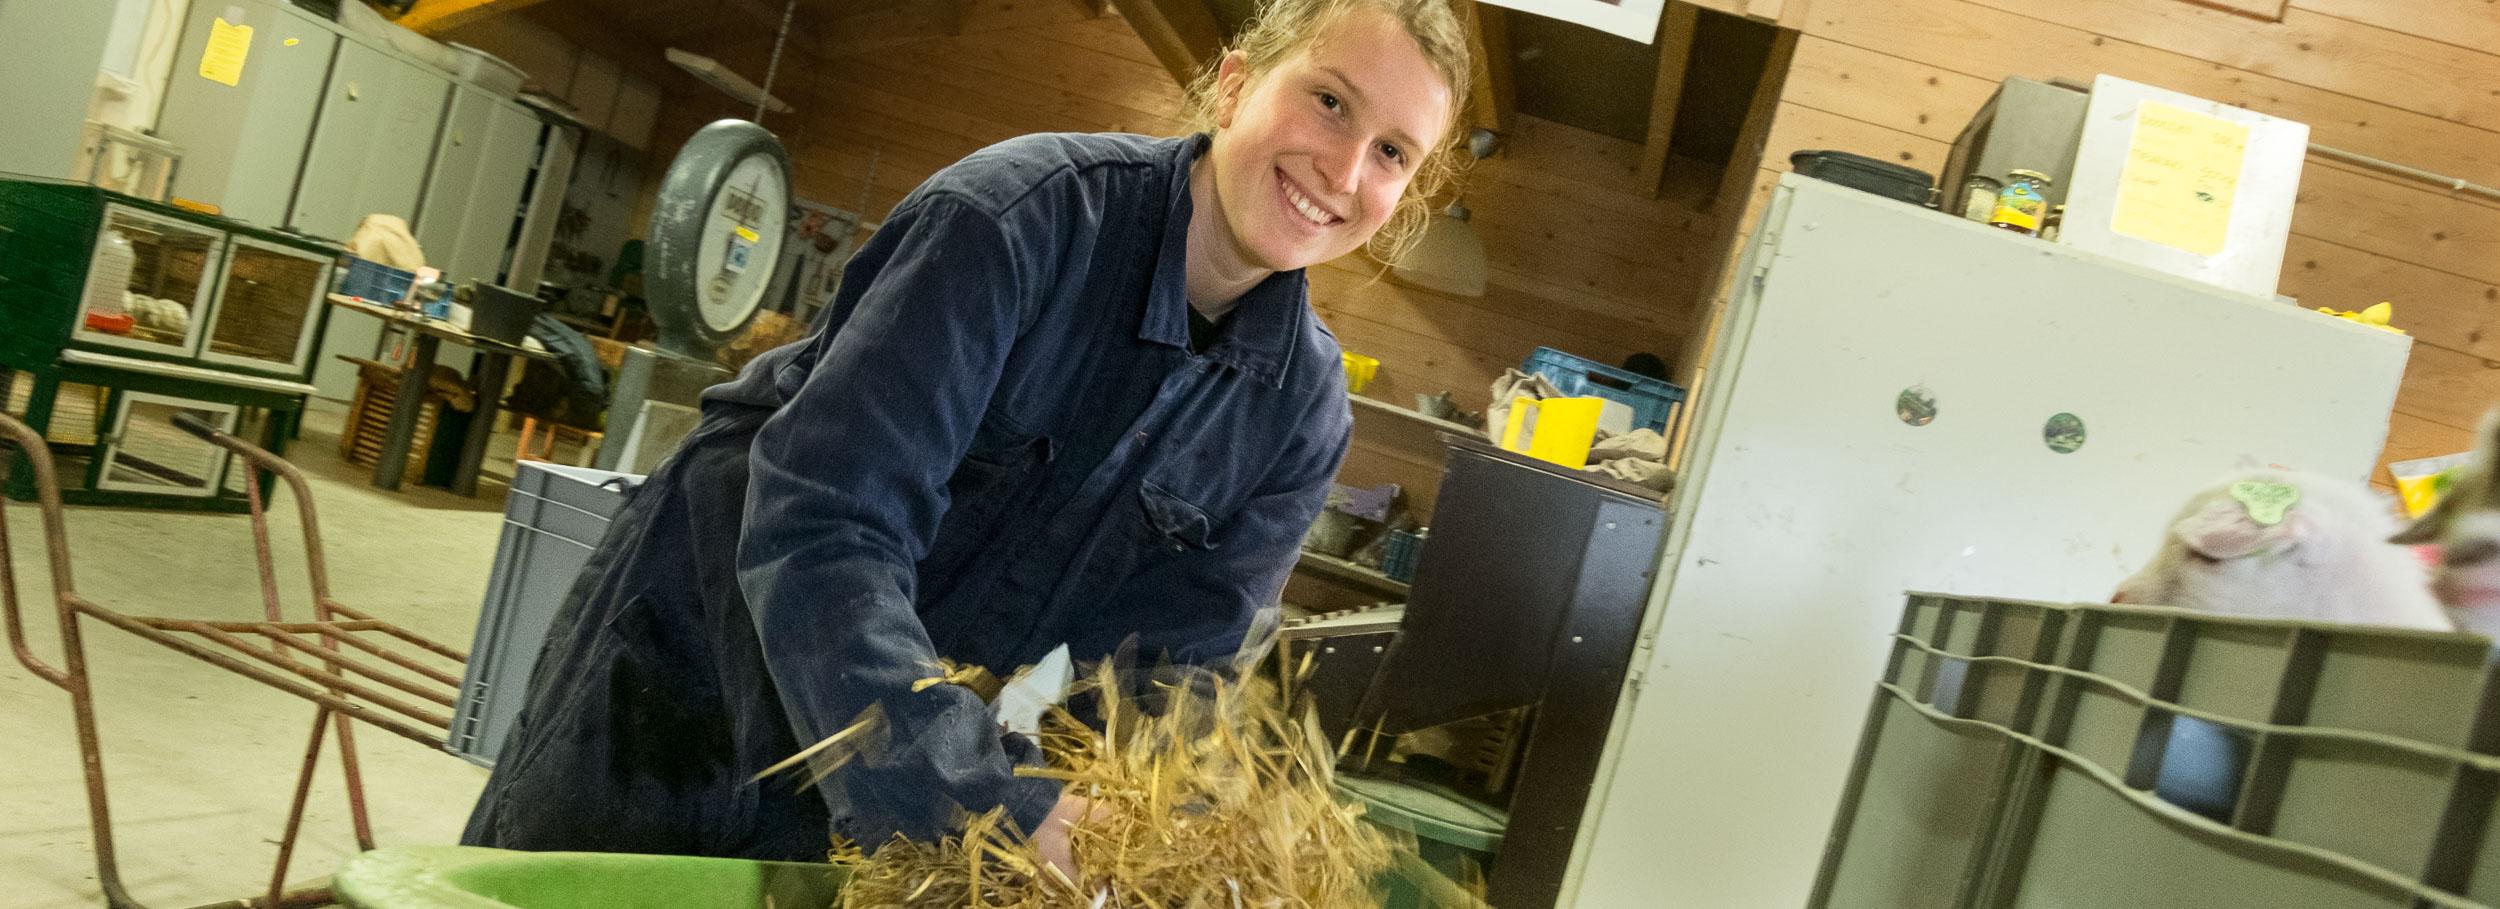 stro wordt opgeschud om een lekker nestje te maken voor de lammeren